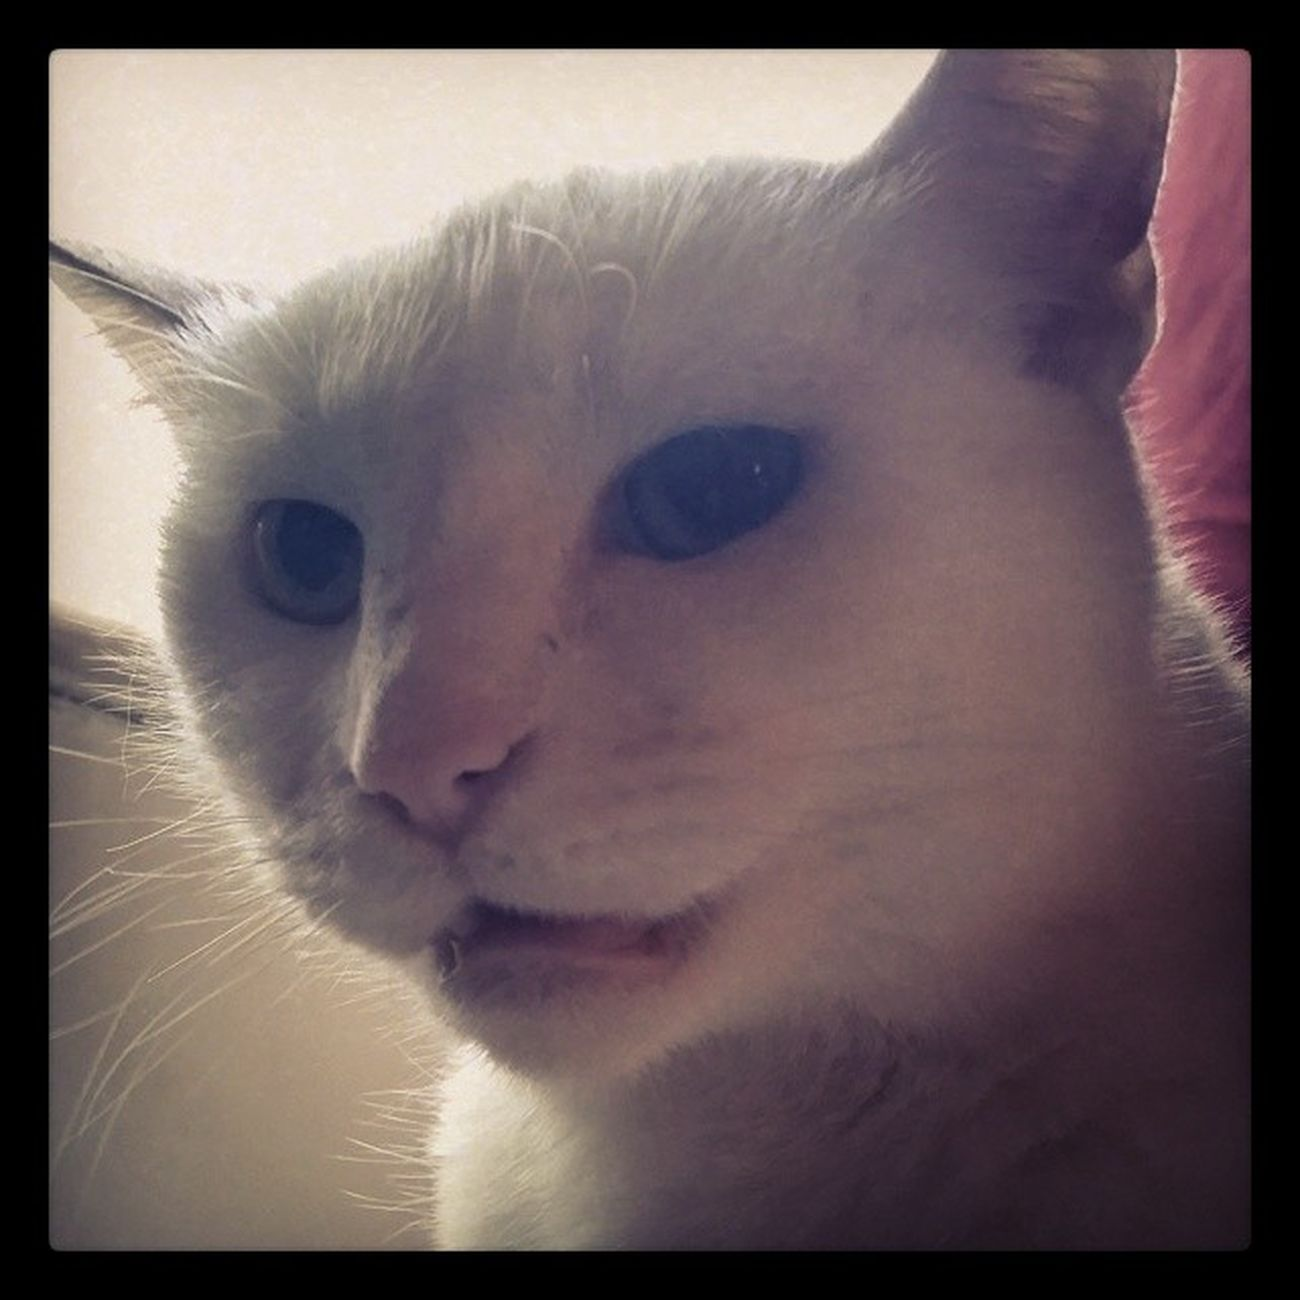 Roxiebaby Catsofinstagram Cats Fiercefelines whitecats familiar lazycatdaze